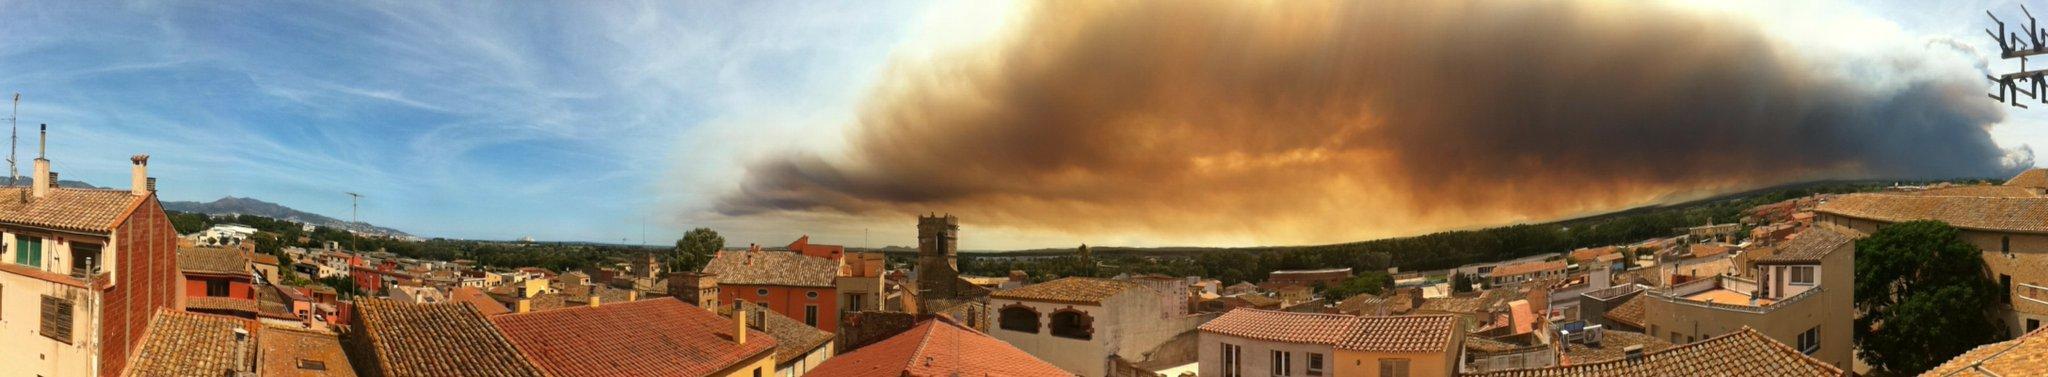 Crema l'Albera... Bufff quina fumeia, és alarmista #incendilajobquera  @324cat @emporda_info http://t.co/SpU3nIZE